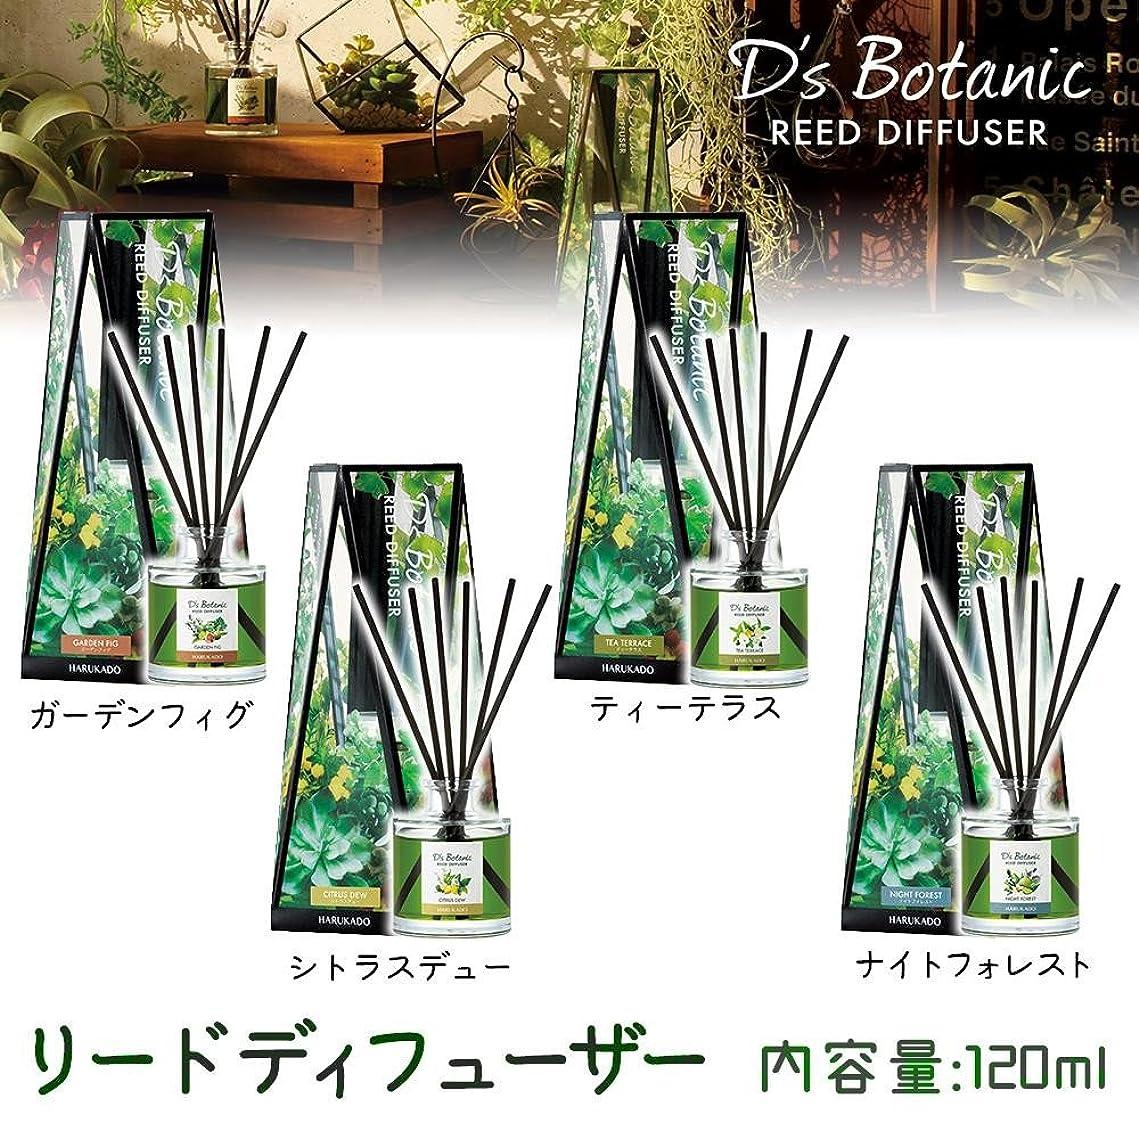 かけがえのないお母さんグリーンバックD'S Botanic(デイズボタニック) リードディフューザー ルームフレグランス 120ml ガーデンフィグ?6228【人気 おすすめ 】